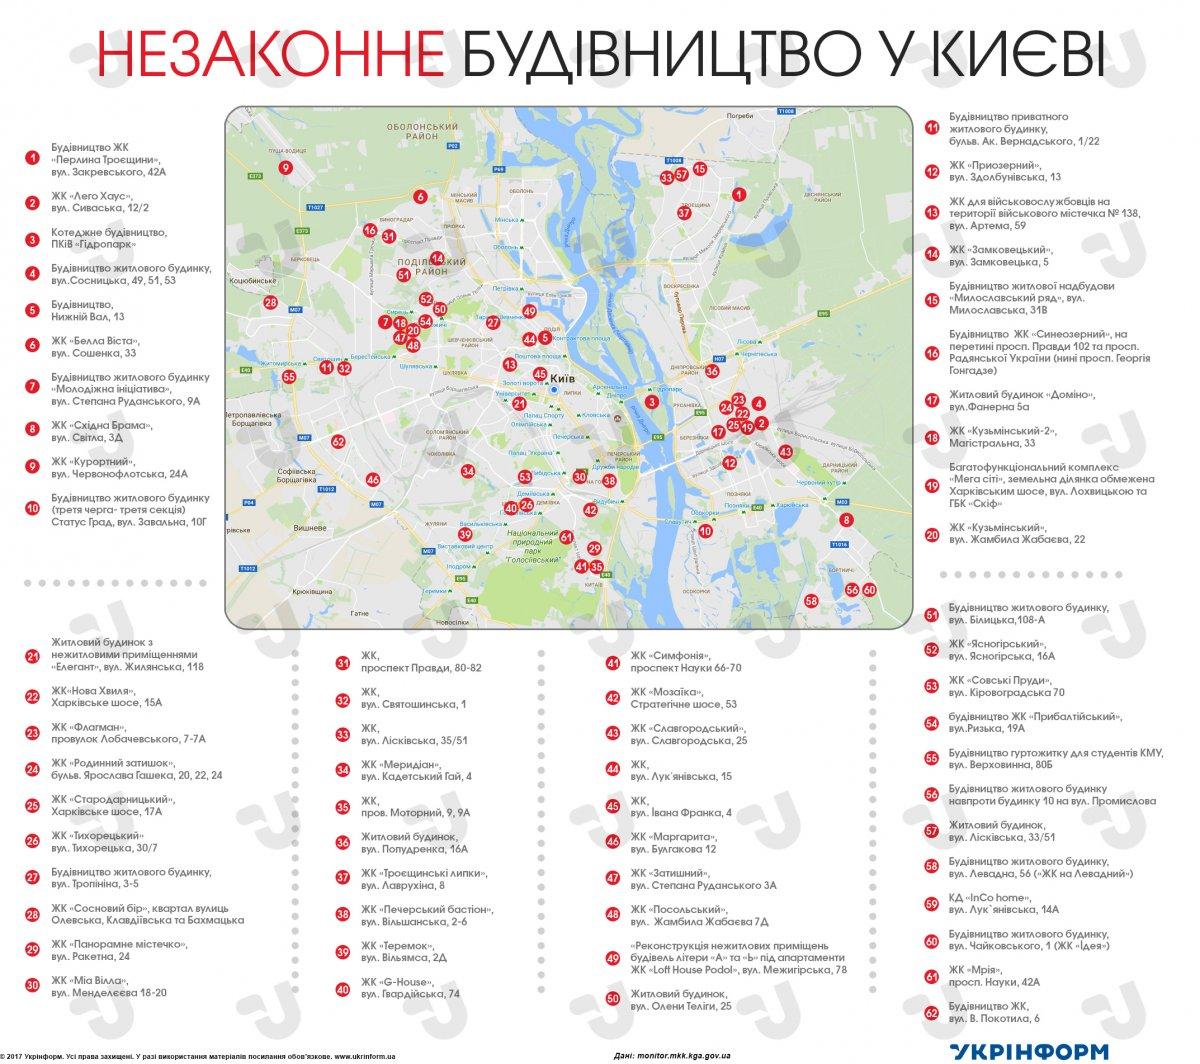 В Киеве незаконно возводят 62 новостройки.